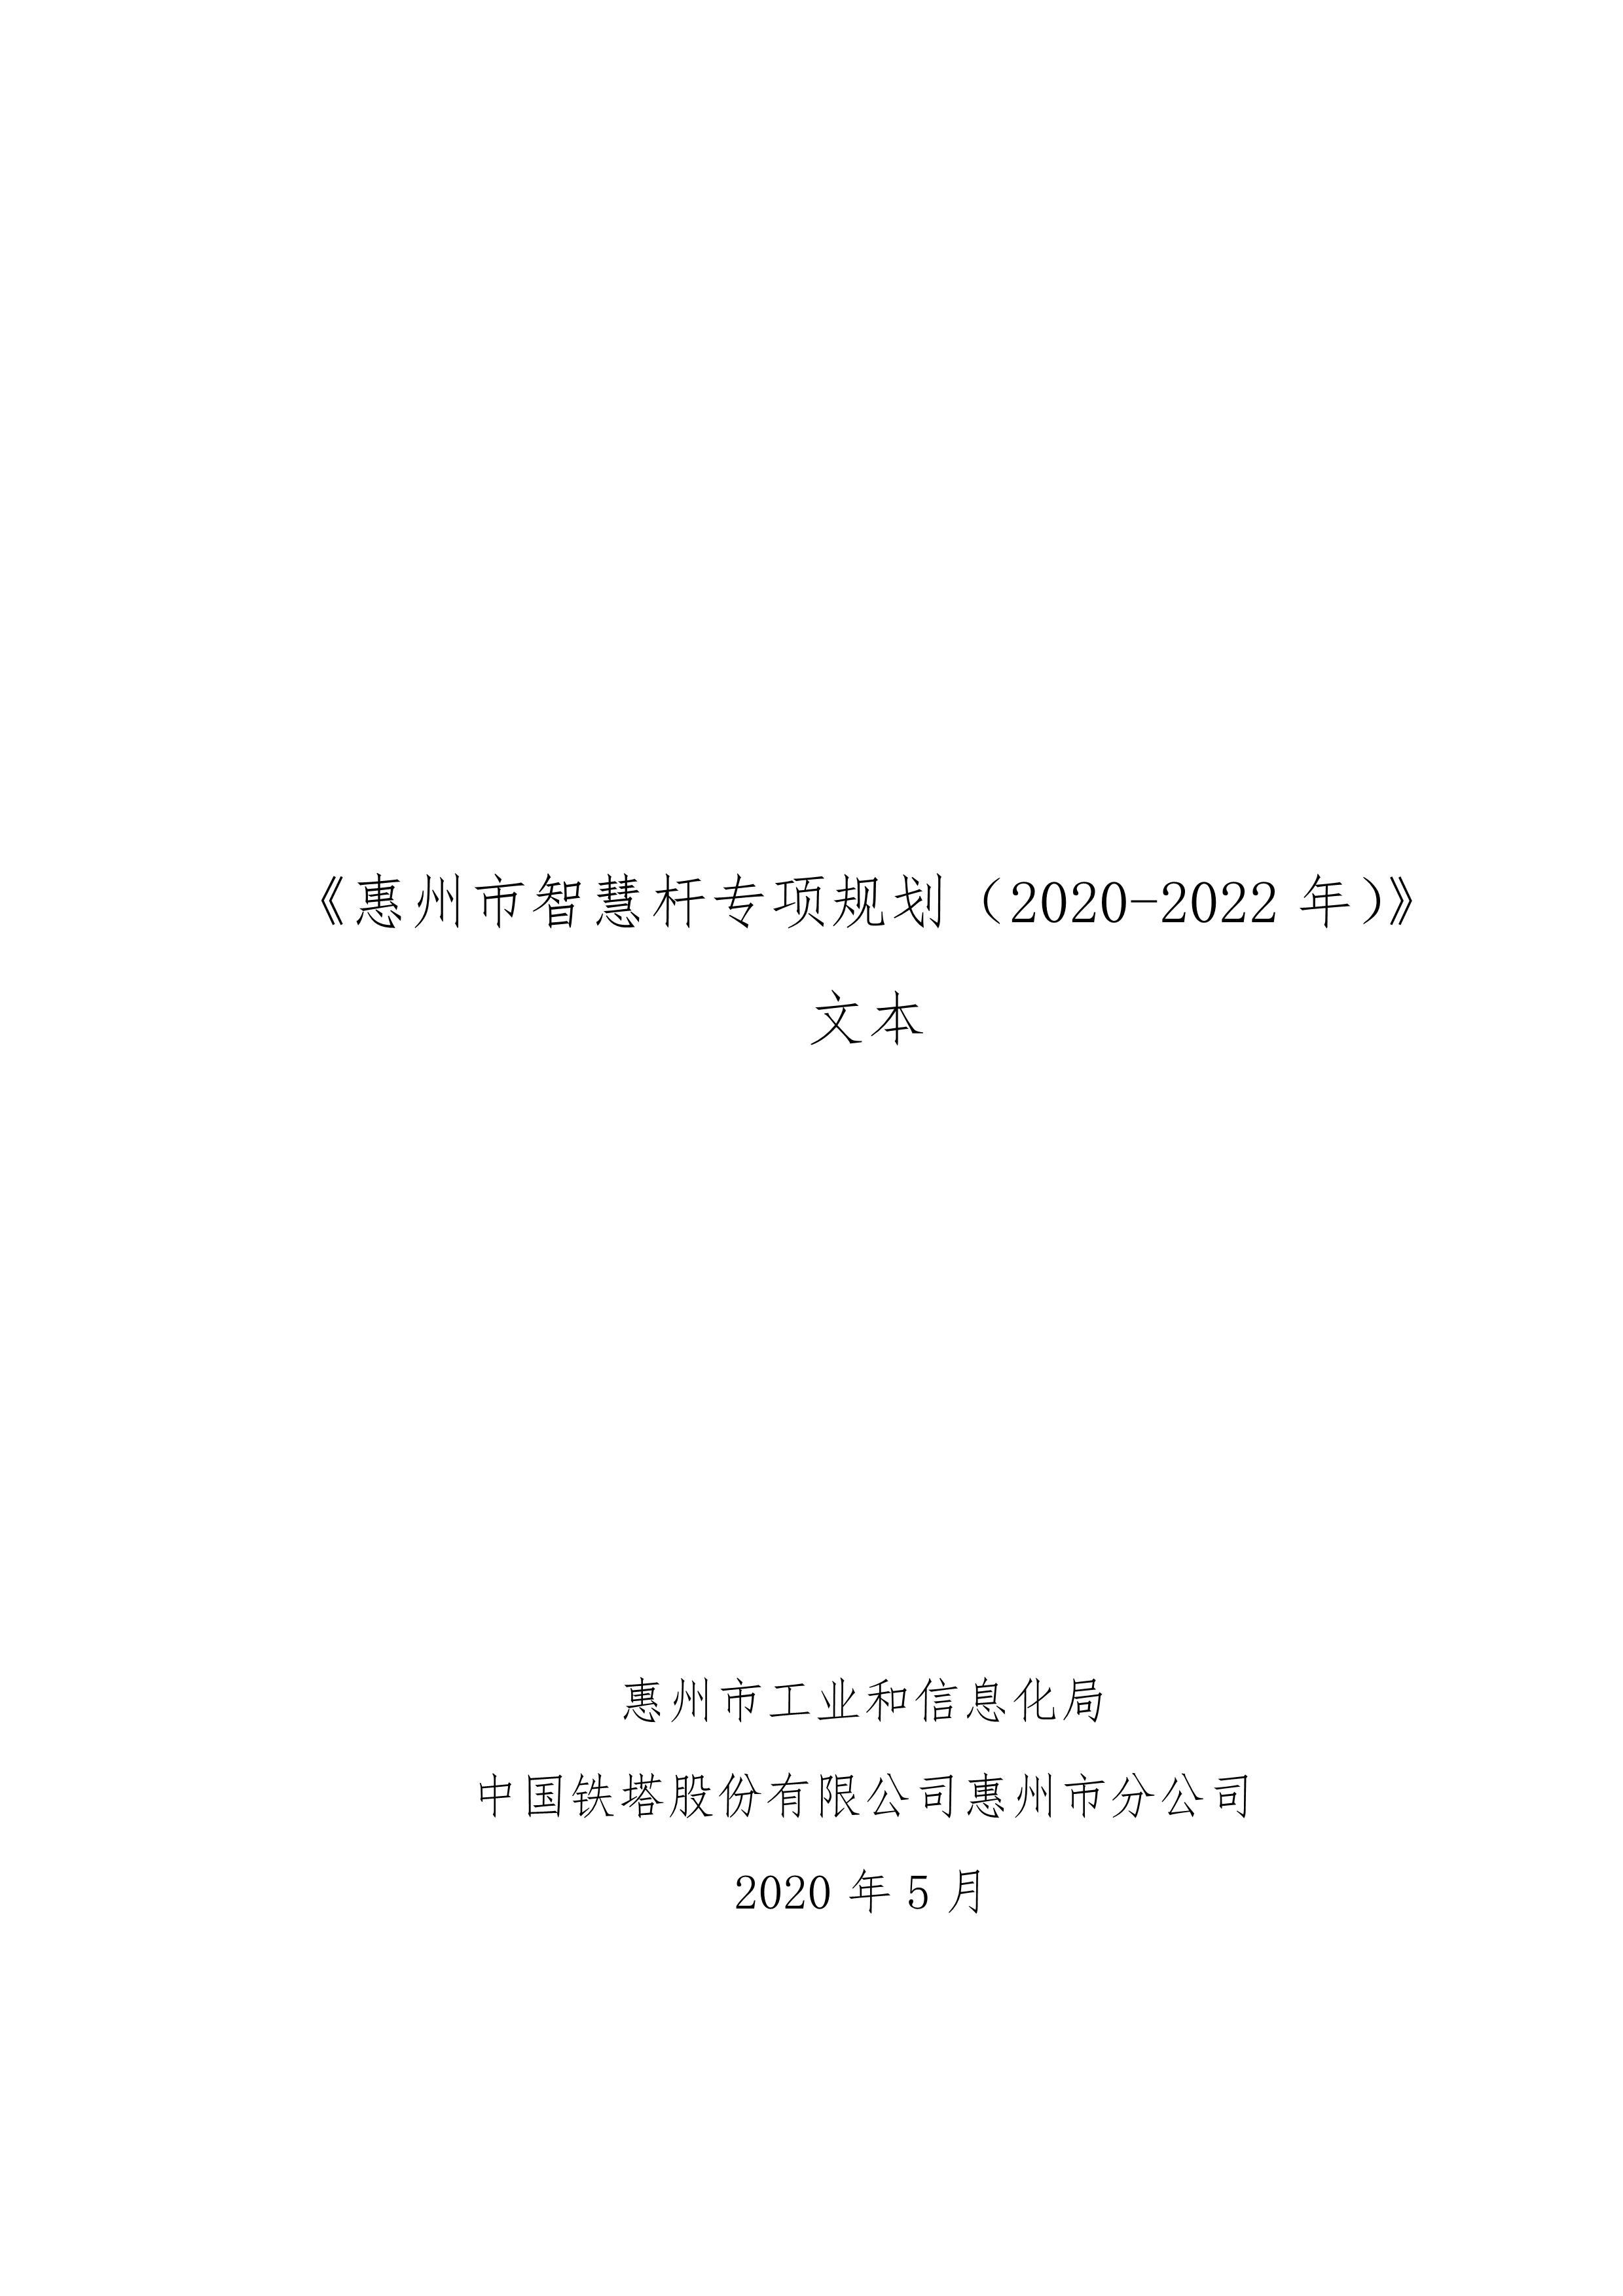 060210331331_0《惠州市智慧杆专项规划2020-2022年》_1.Jpeg